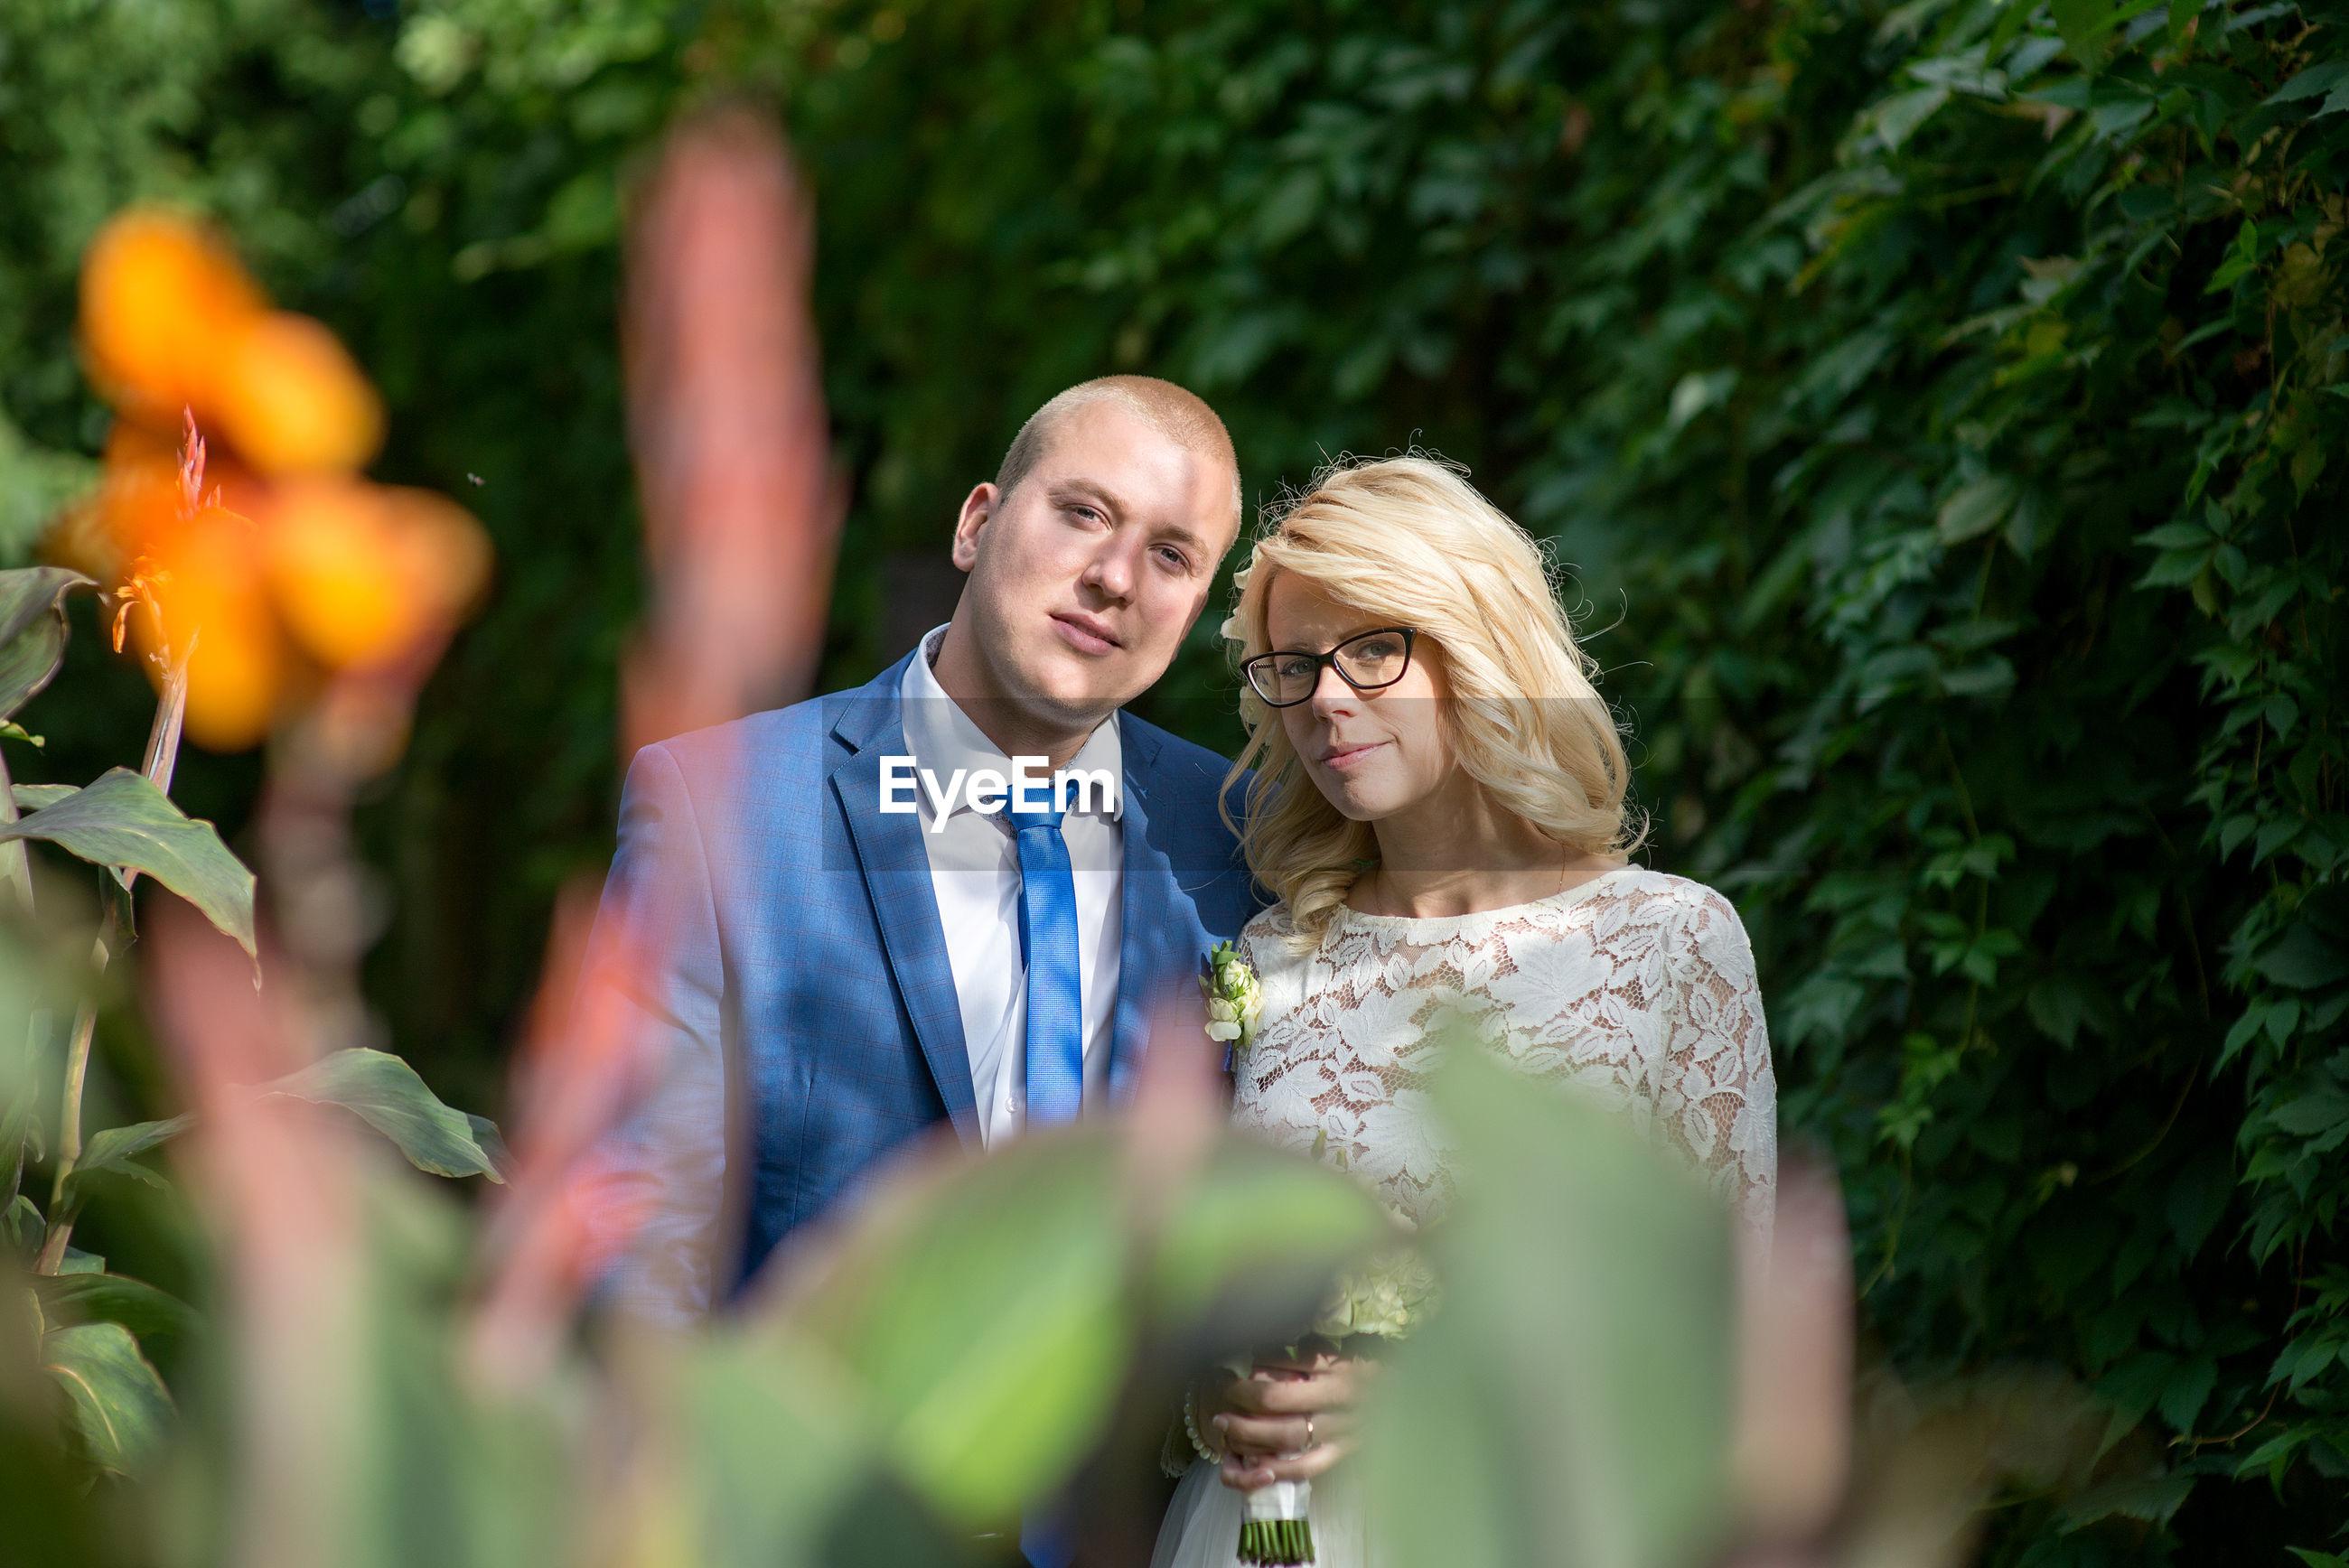 Portrait of bridal couple standing amidst plants at park